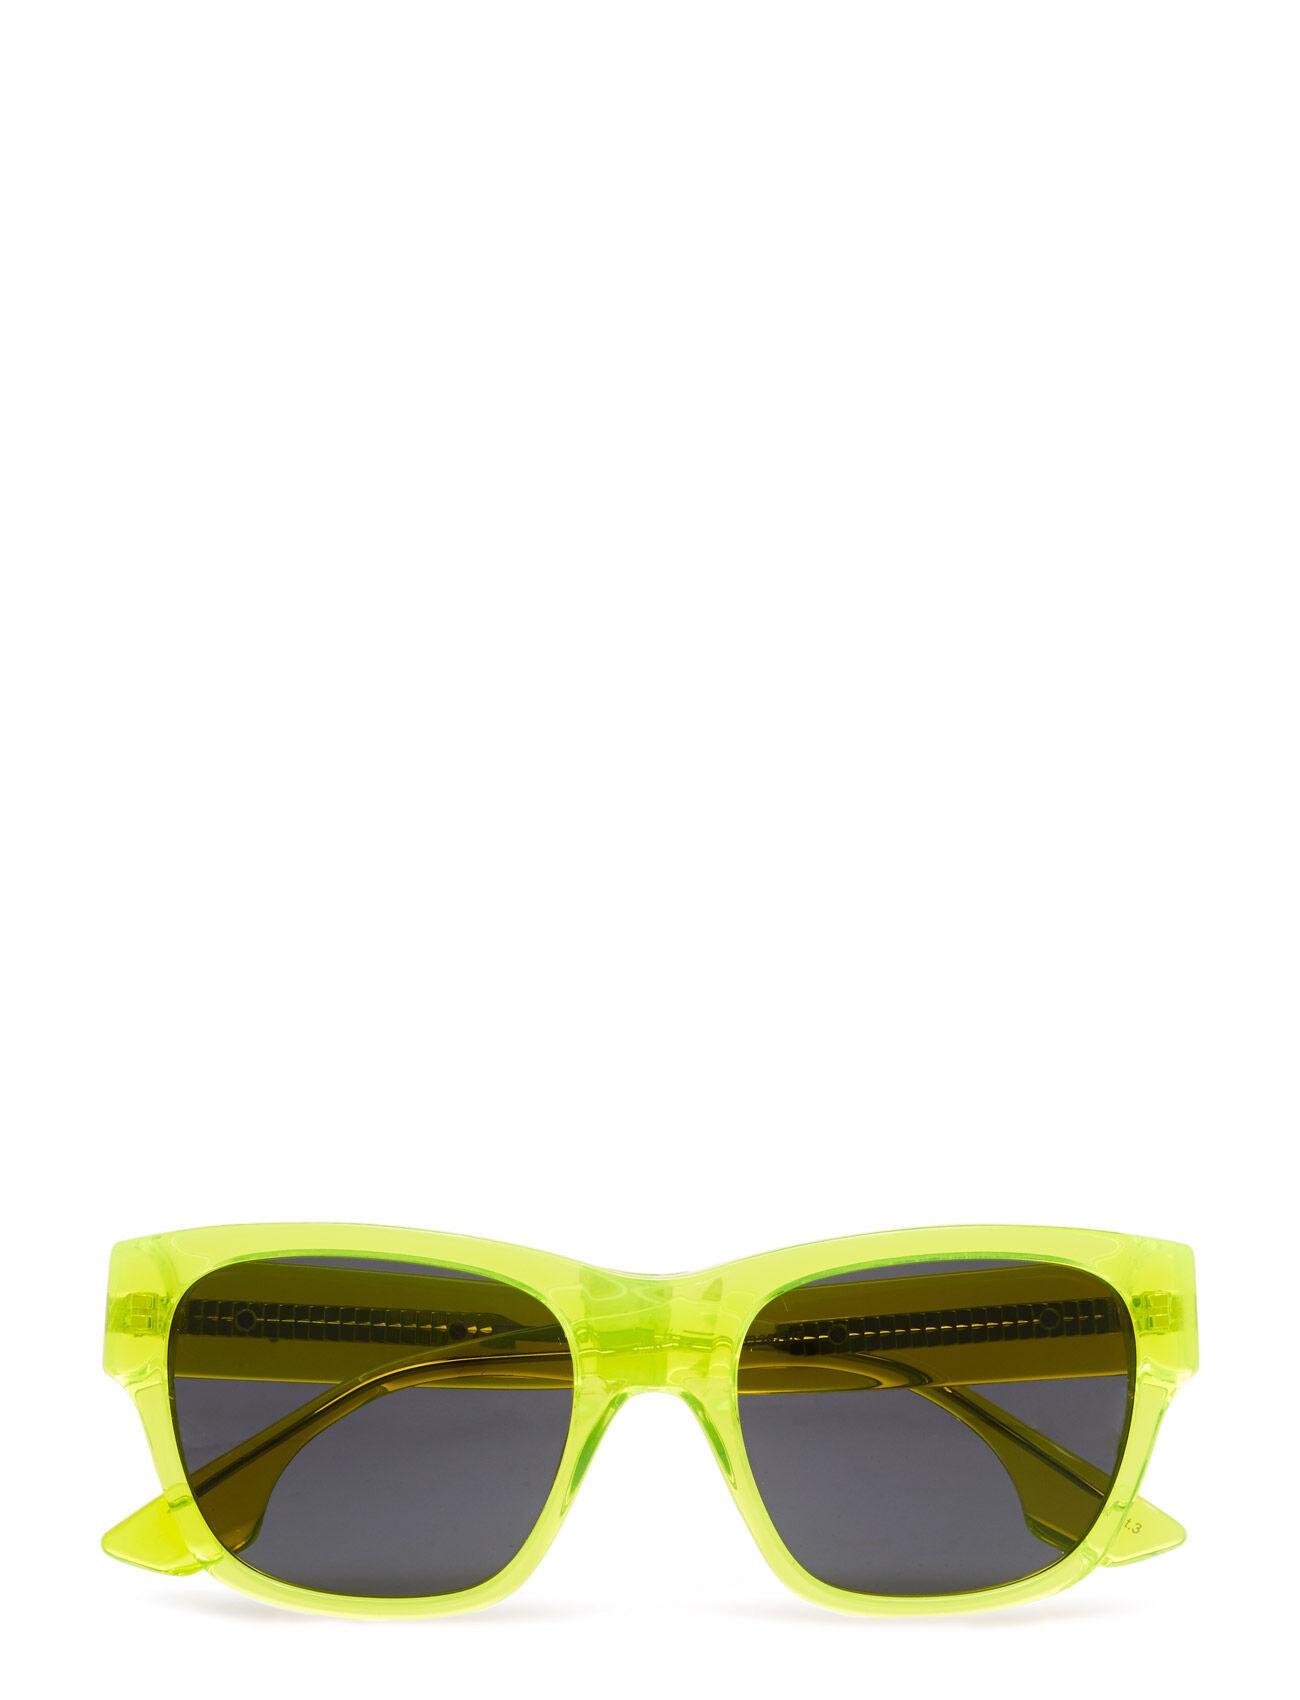 McQ Eyewear Mq0028s